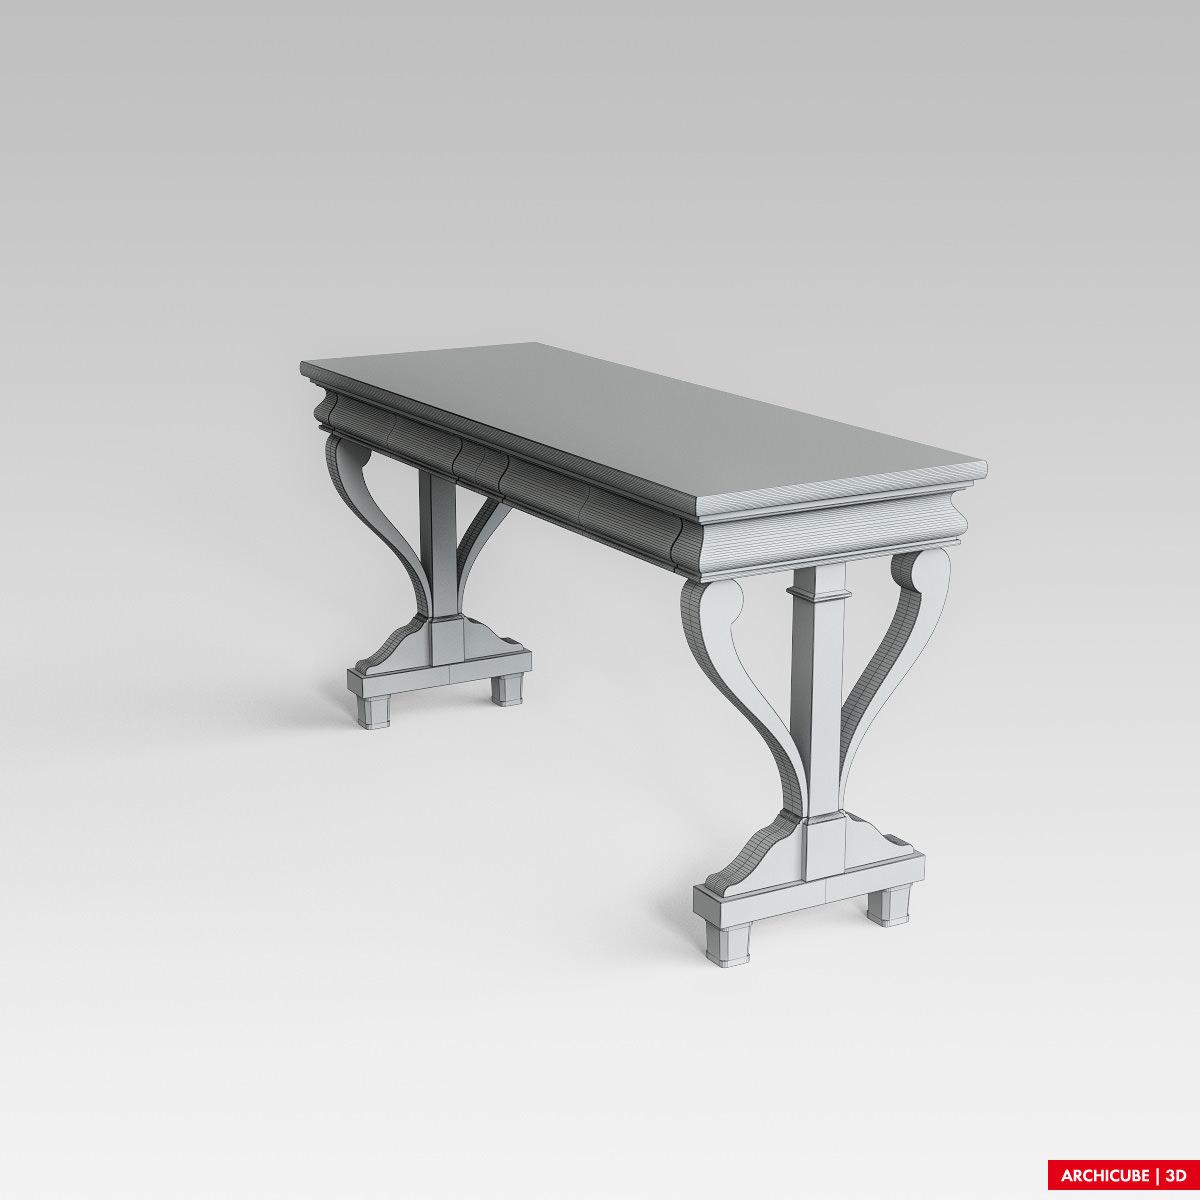 black console table. Black Console Table 3d Model Max Obj Fbx 6